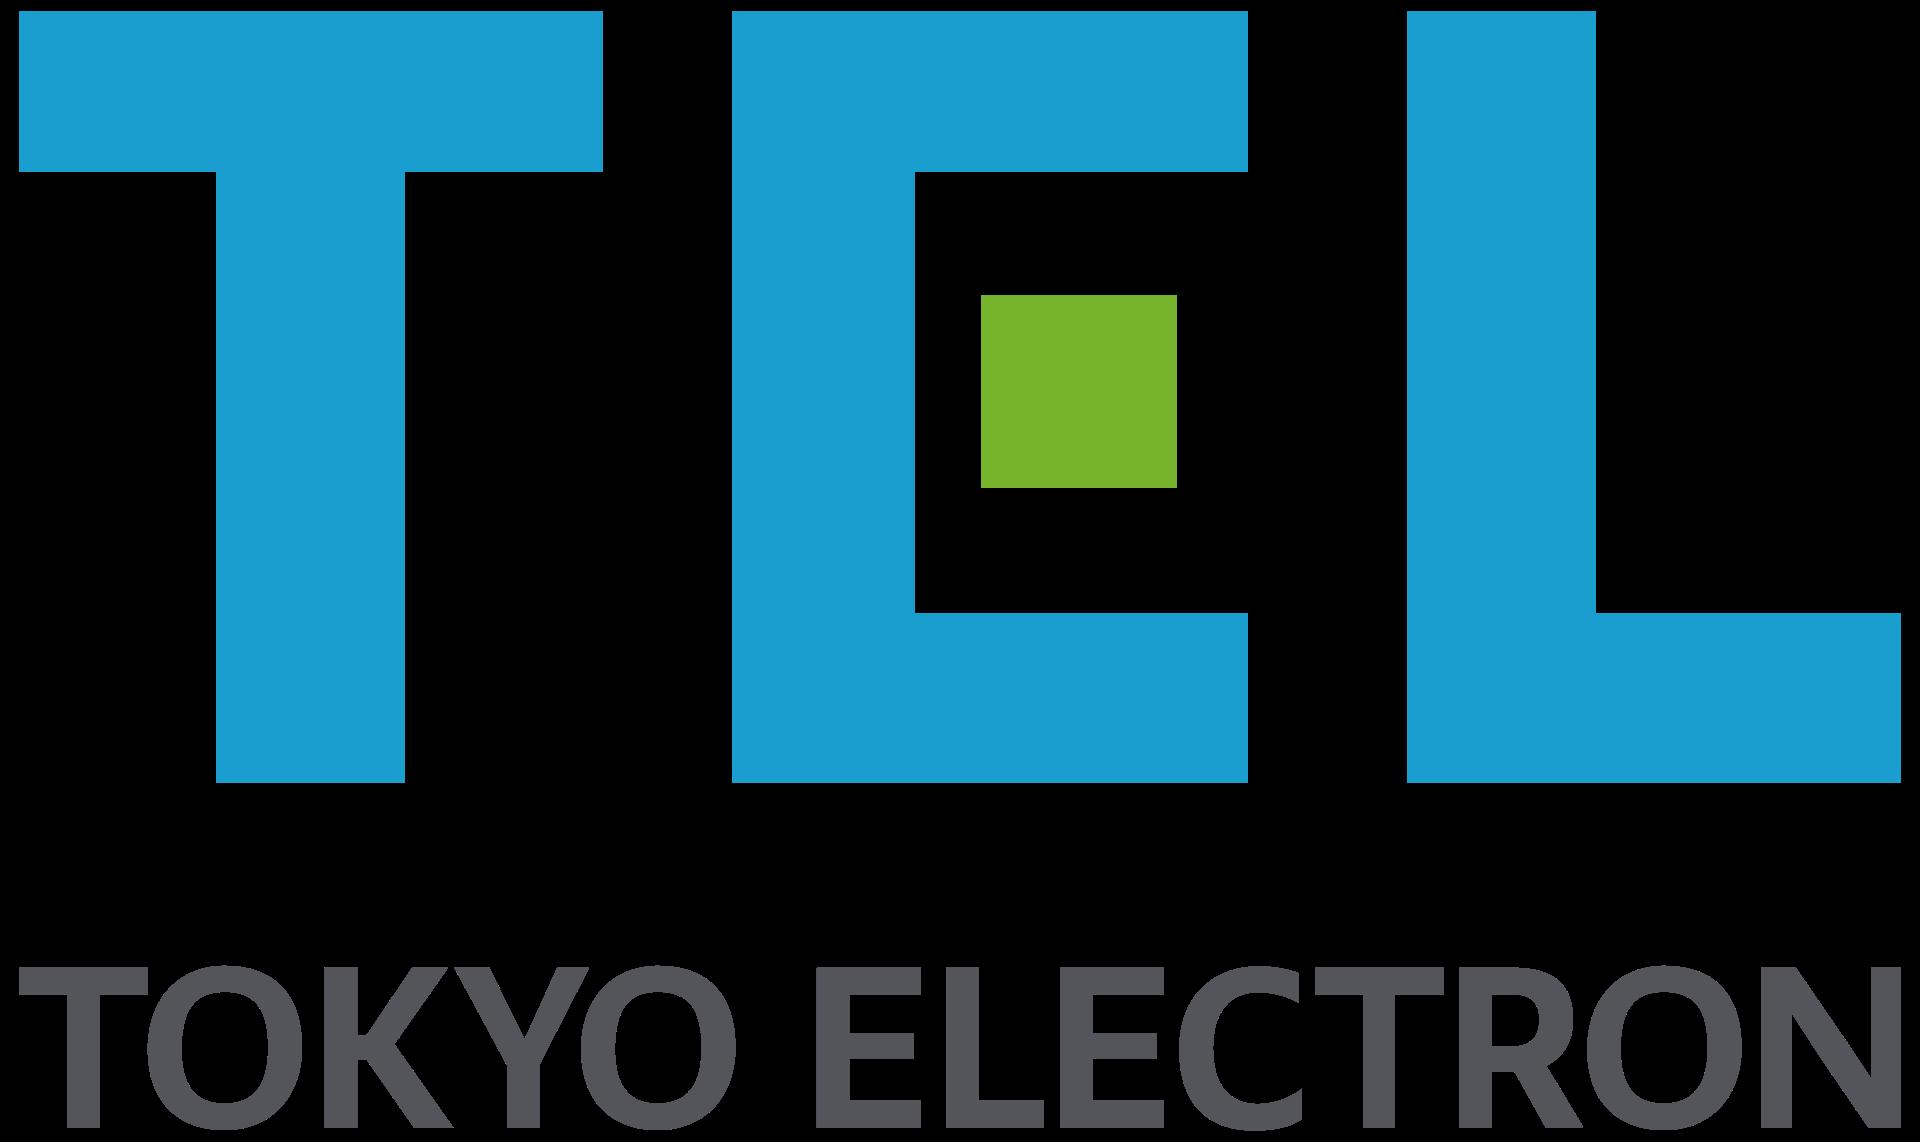 Tokyo electron ltd logo